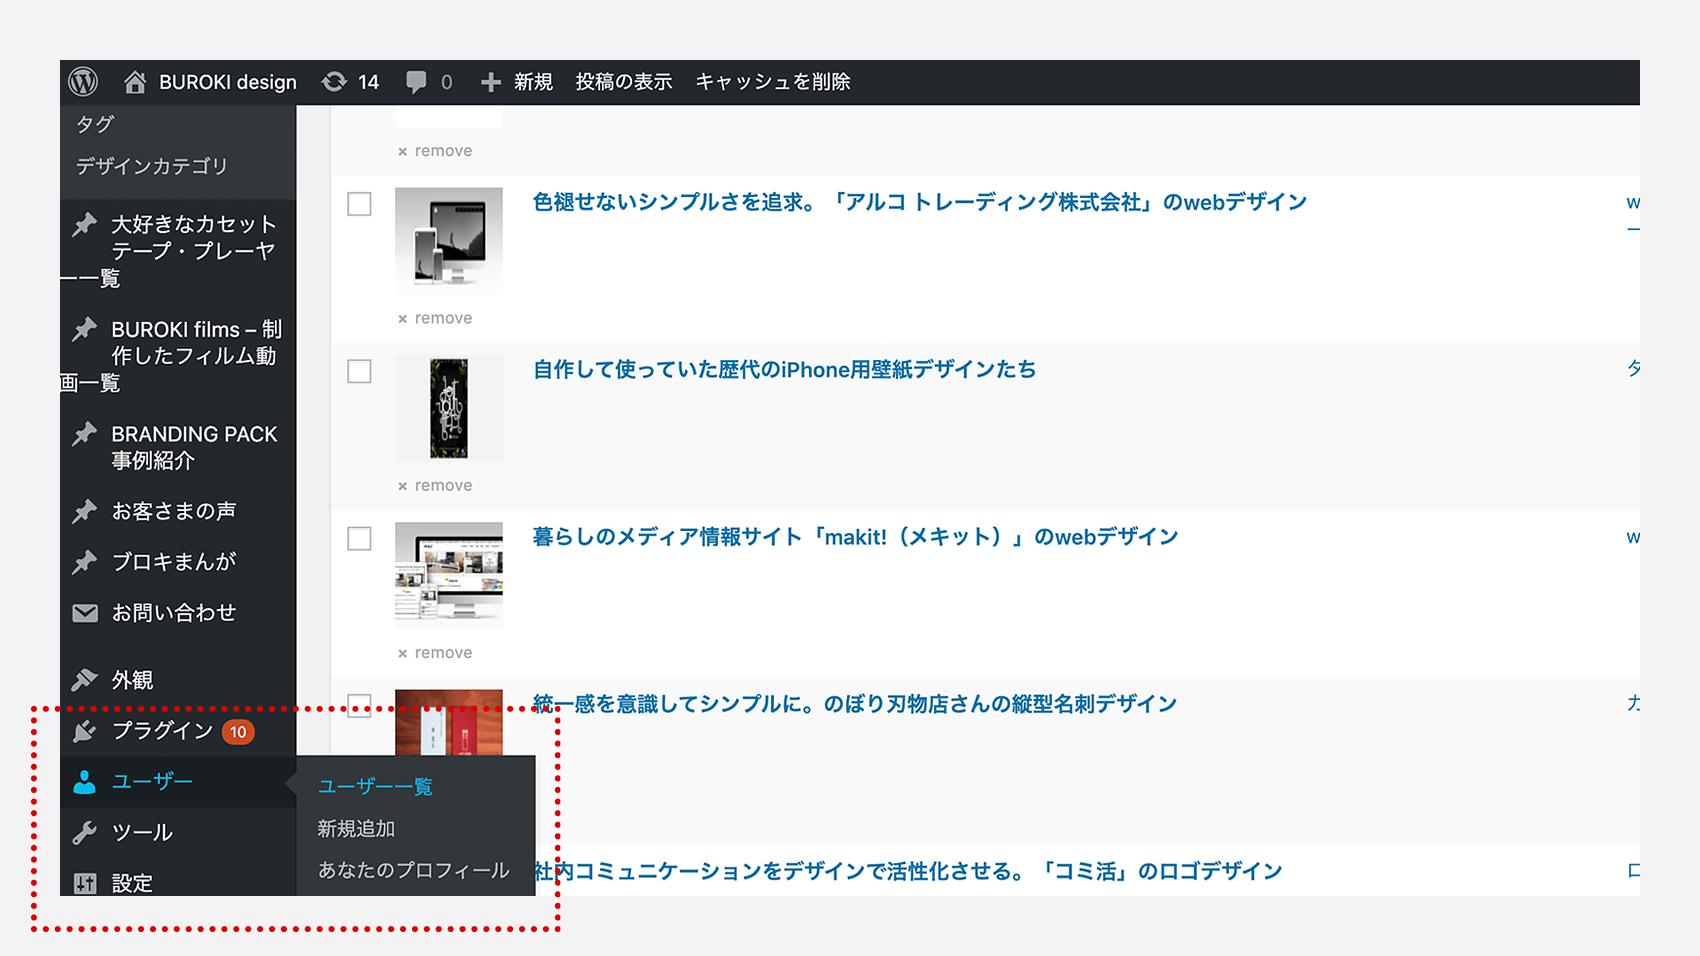 ユーザーメニュー内のユーザー一覧画面